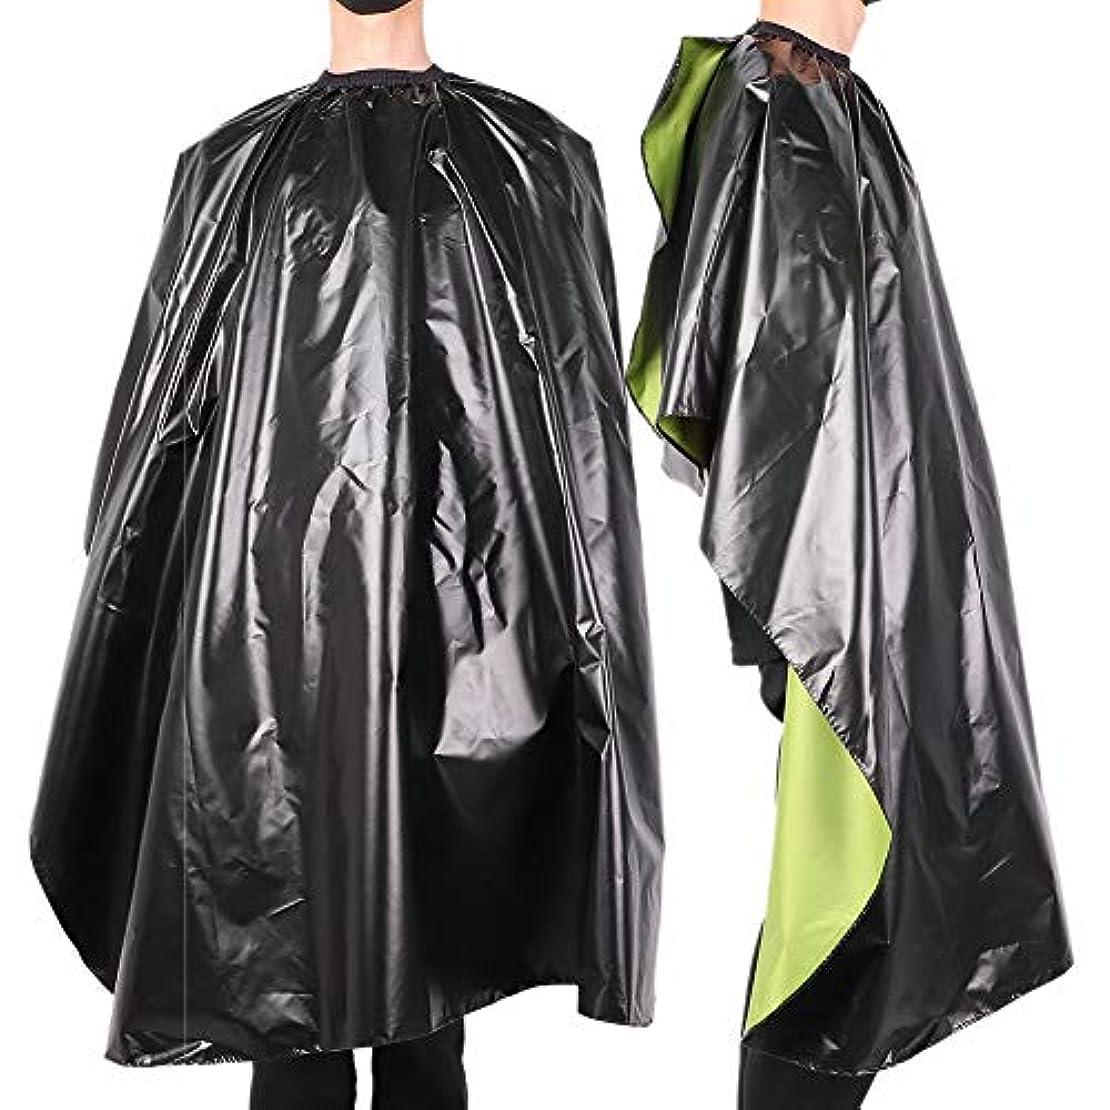 聖書メアリアンジョーンズ織る防水 調節可能 サロン 散髪 ヘアスタイリングケープガウン 大人の理髪バーバーラップエプロン-ヘアカット、染色、パーマ、カラーリング、看護に最適